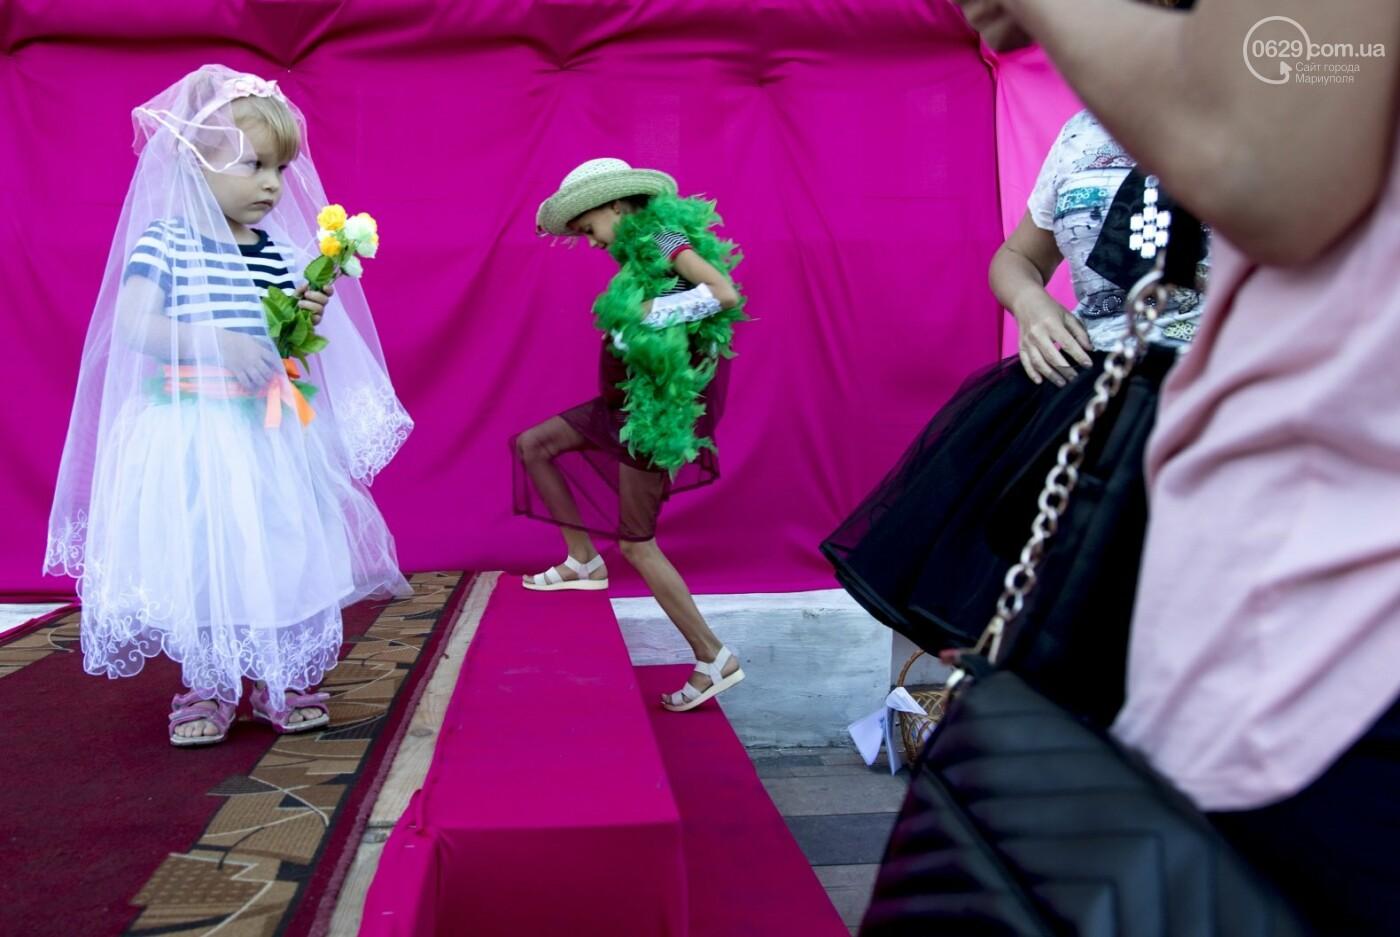 С Аленом Делоном в обнимку. 16 захватывающих фотографий со Дня Франции в Мариуполе, - ФОТОРЕПОРТАЖ, фото-3